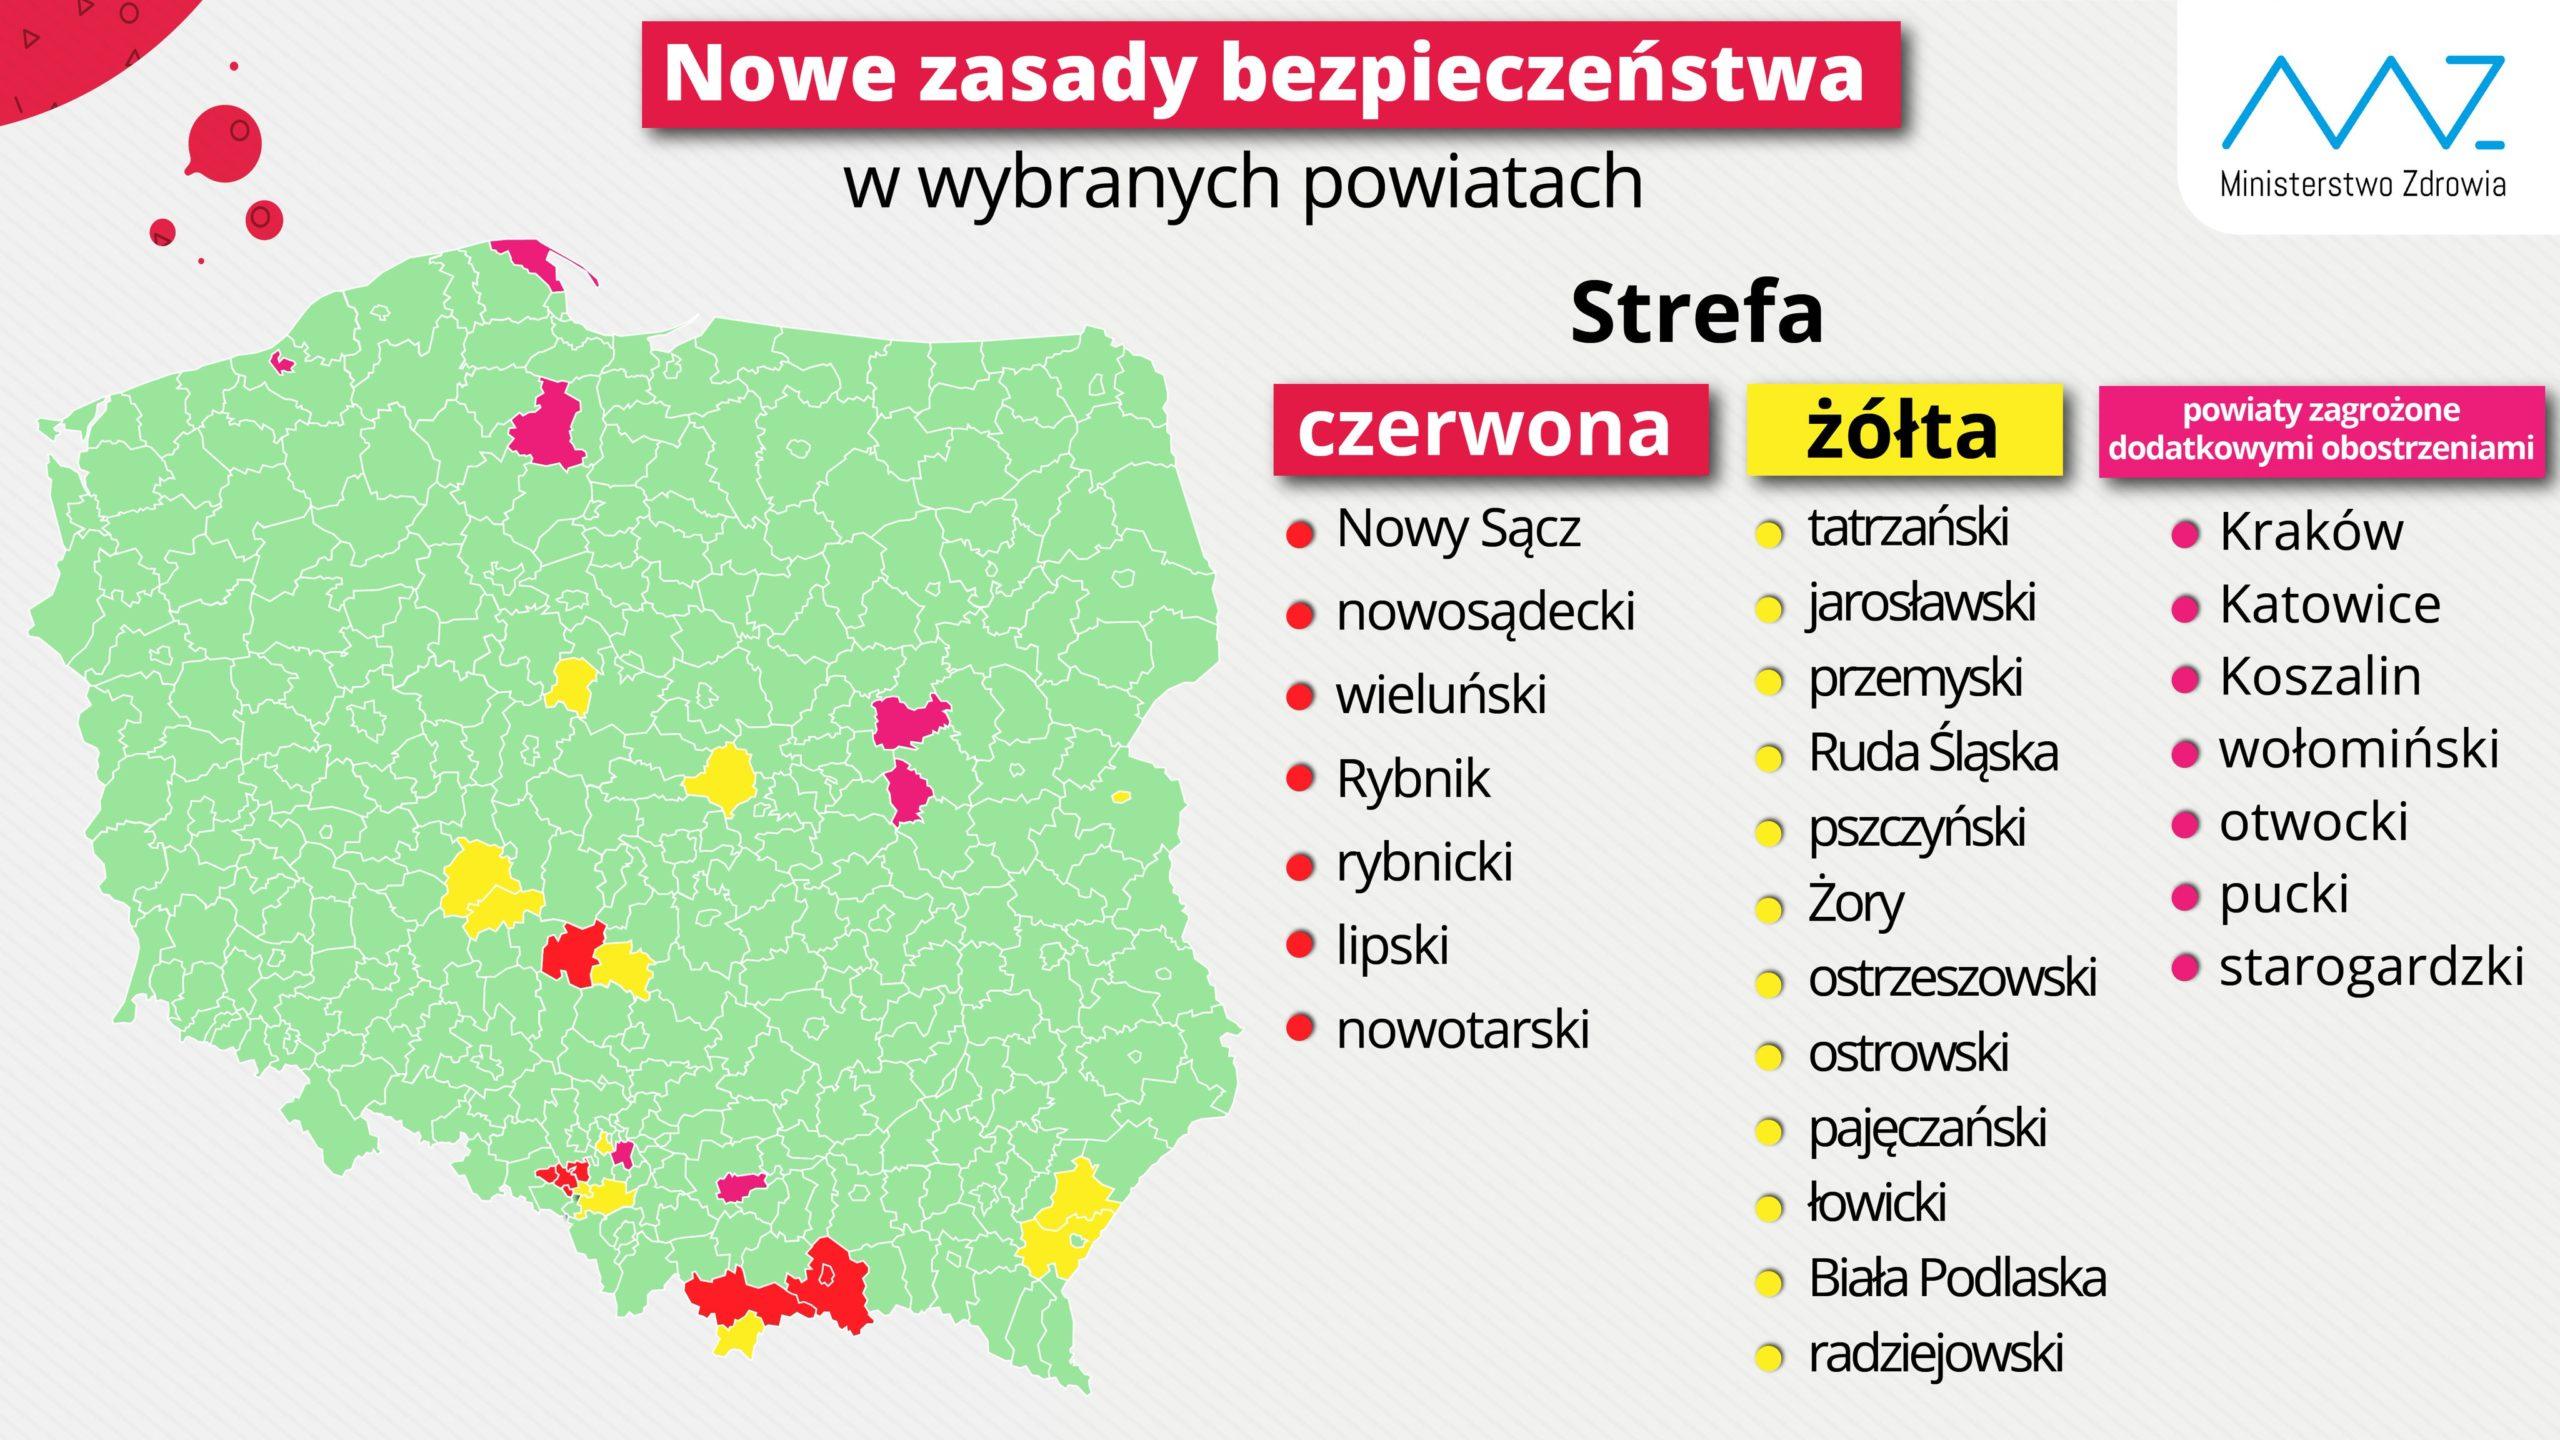 Infografika z mapą Polski, na której zaznaczono powiaty, gdzie wprowadzono obostrzenia związane z koronawirusem.